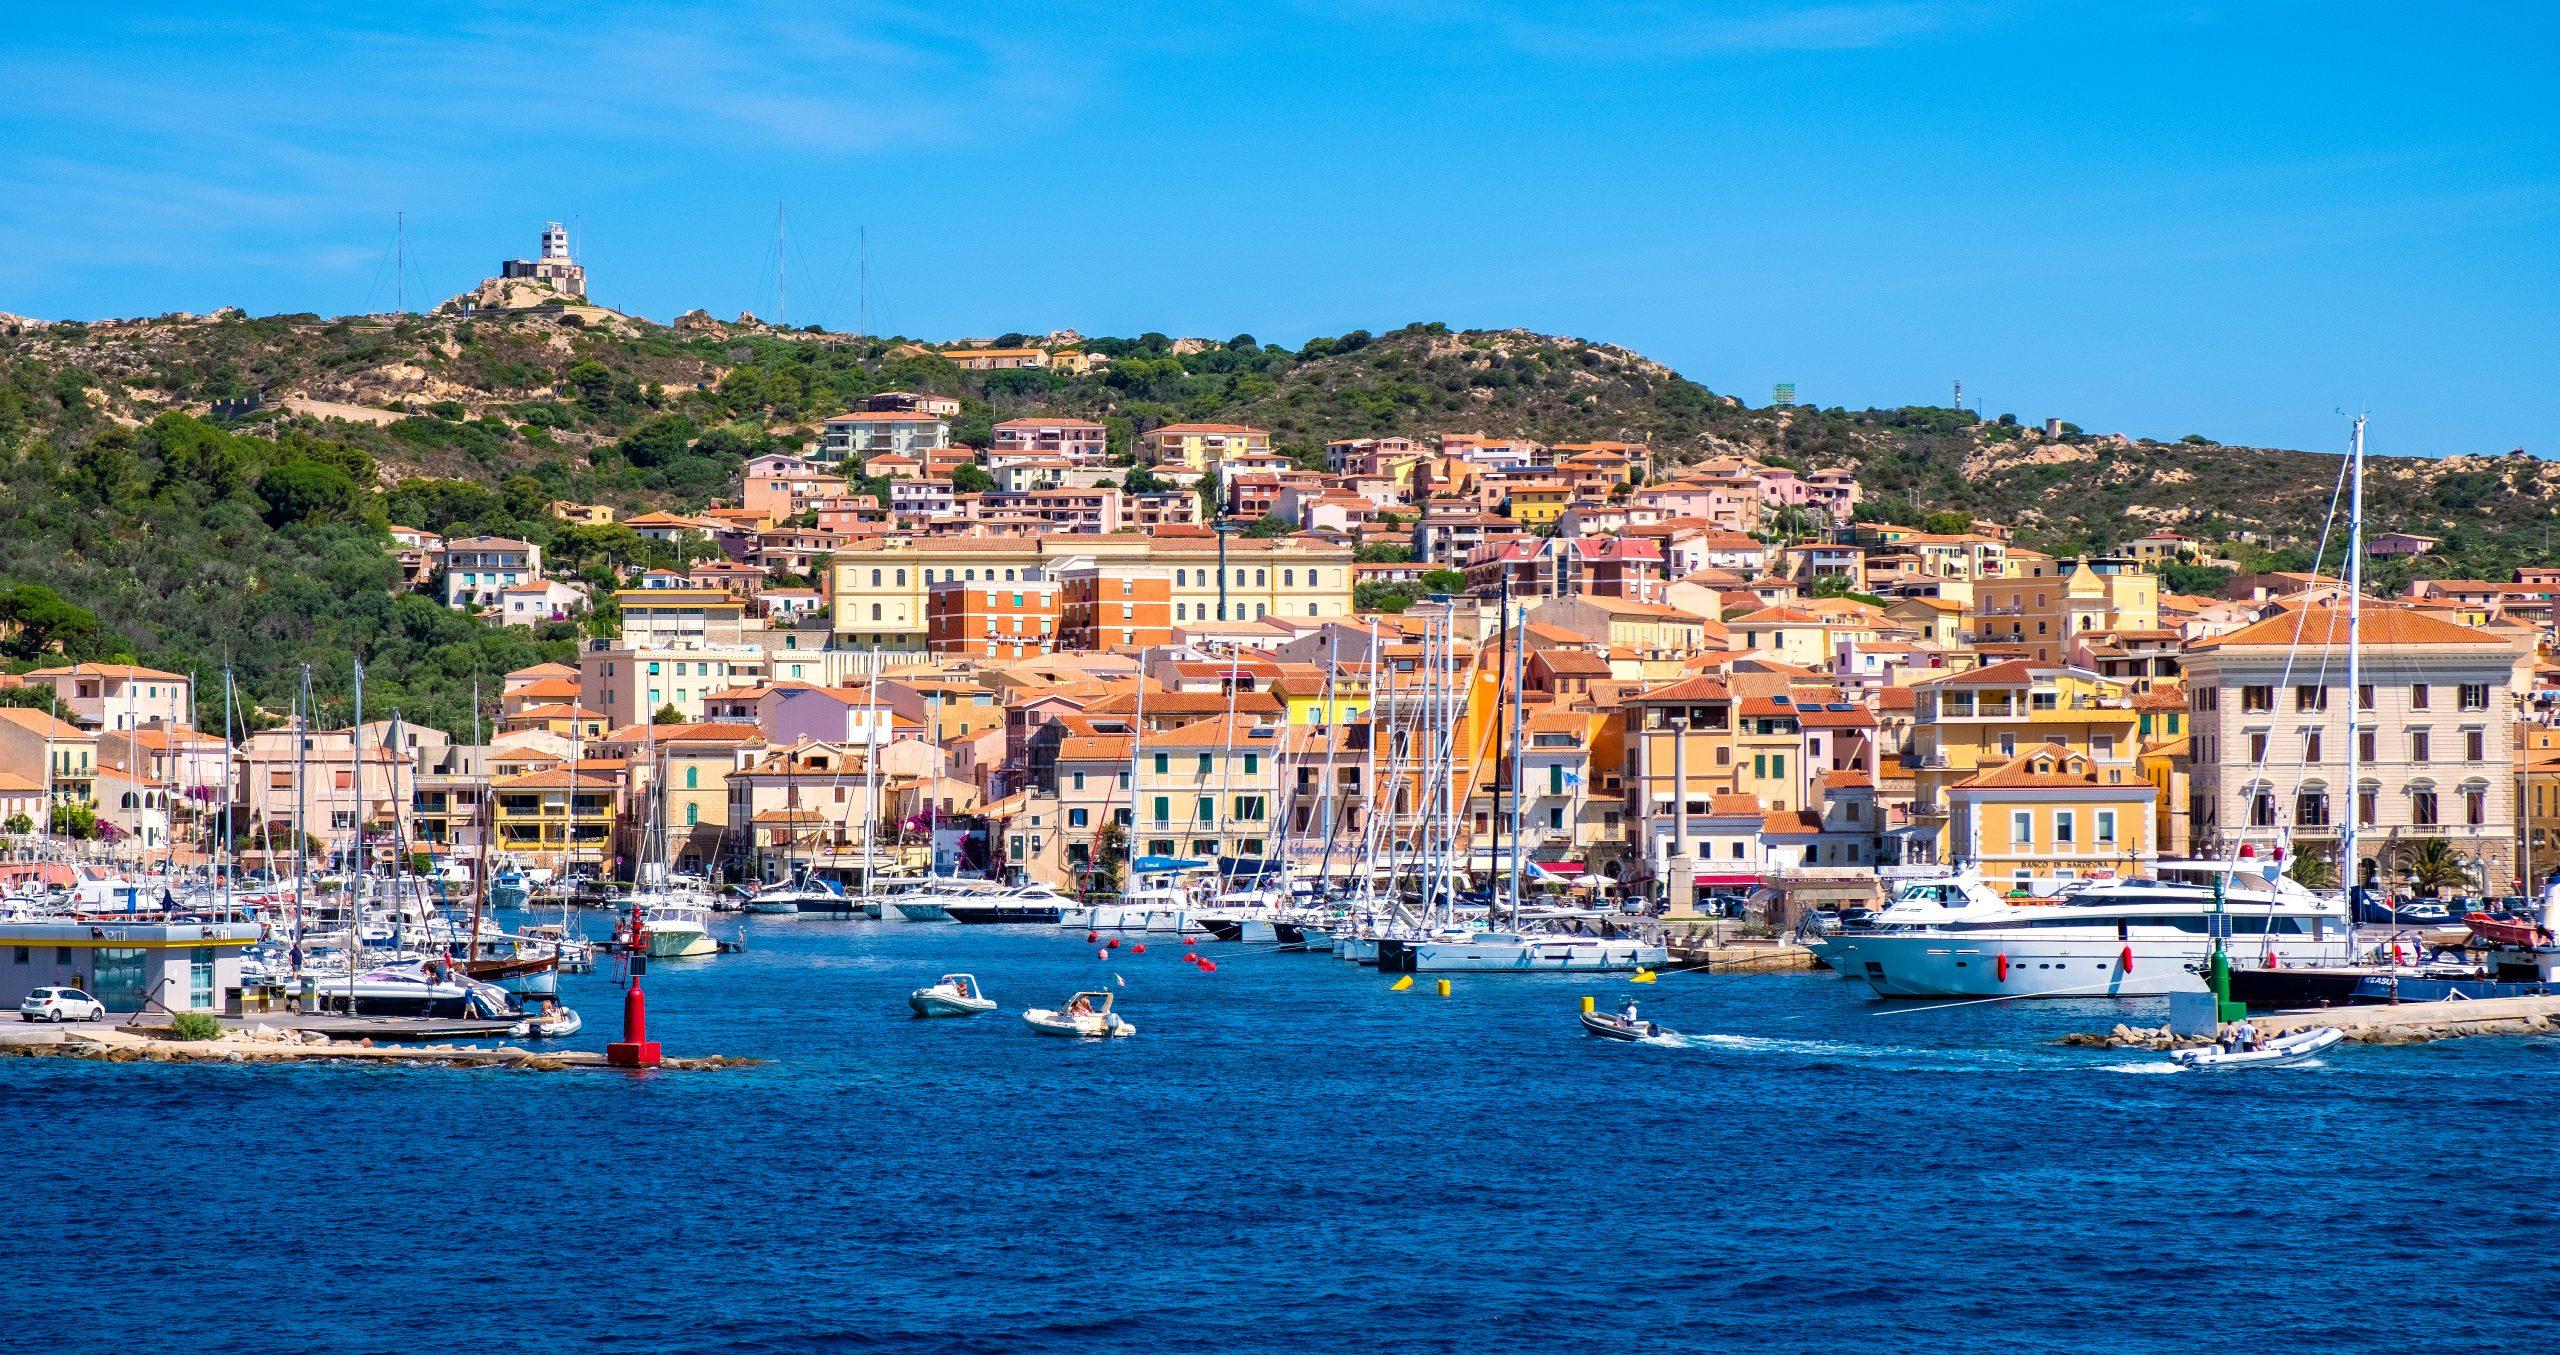 Wakacje na Sardynii - co warto zobaczyć